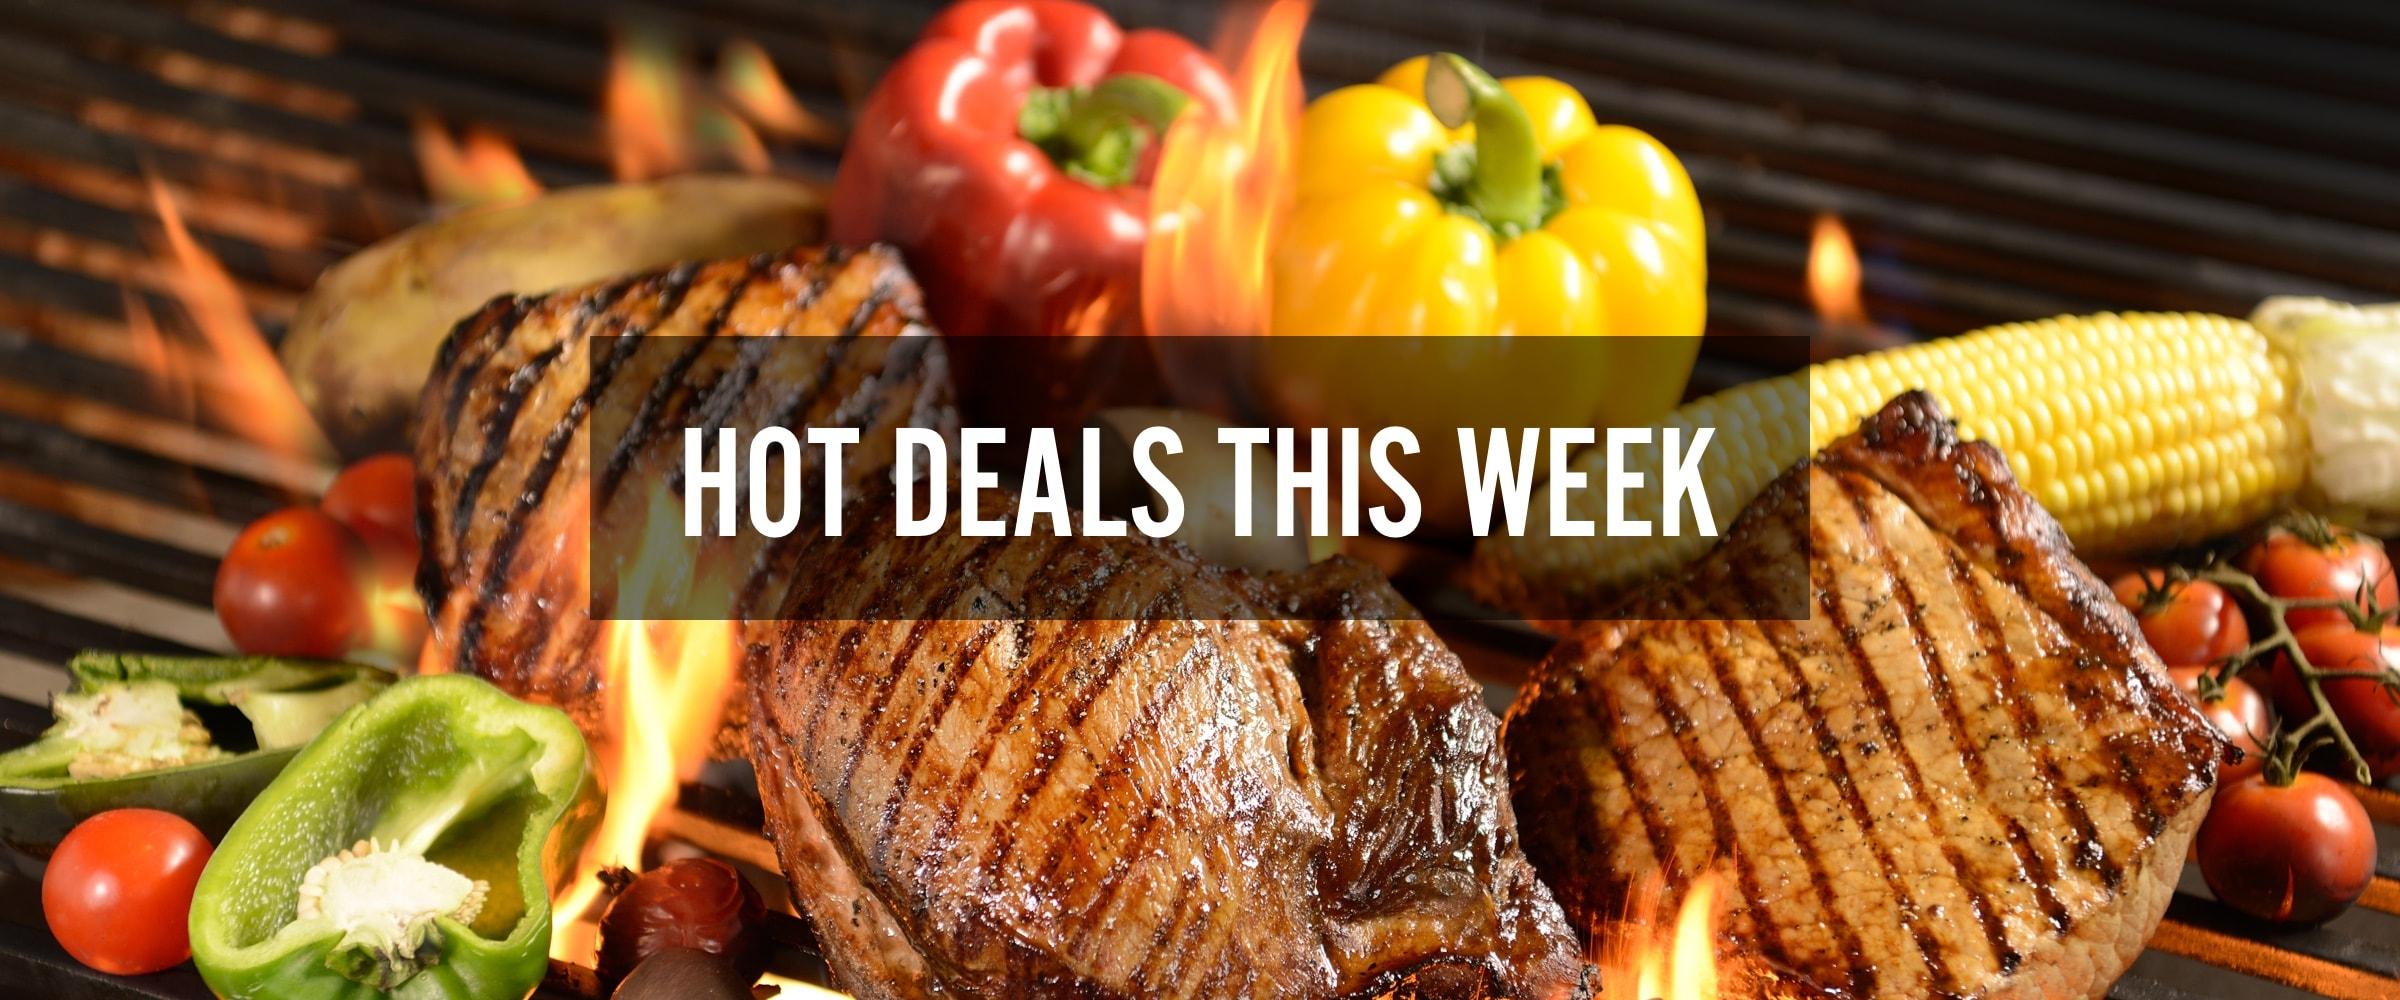 Hot Deals This Week